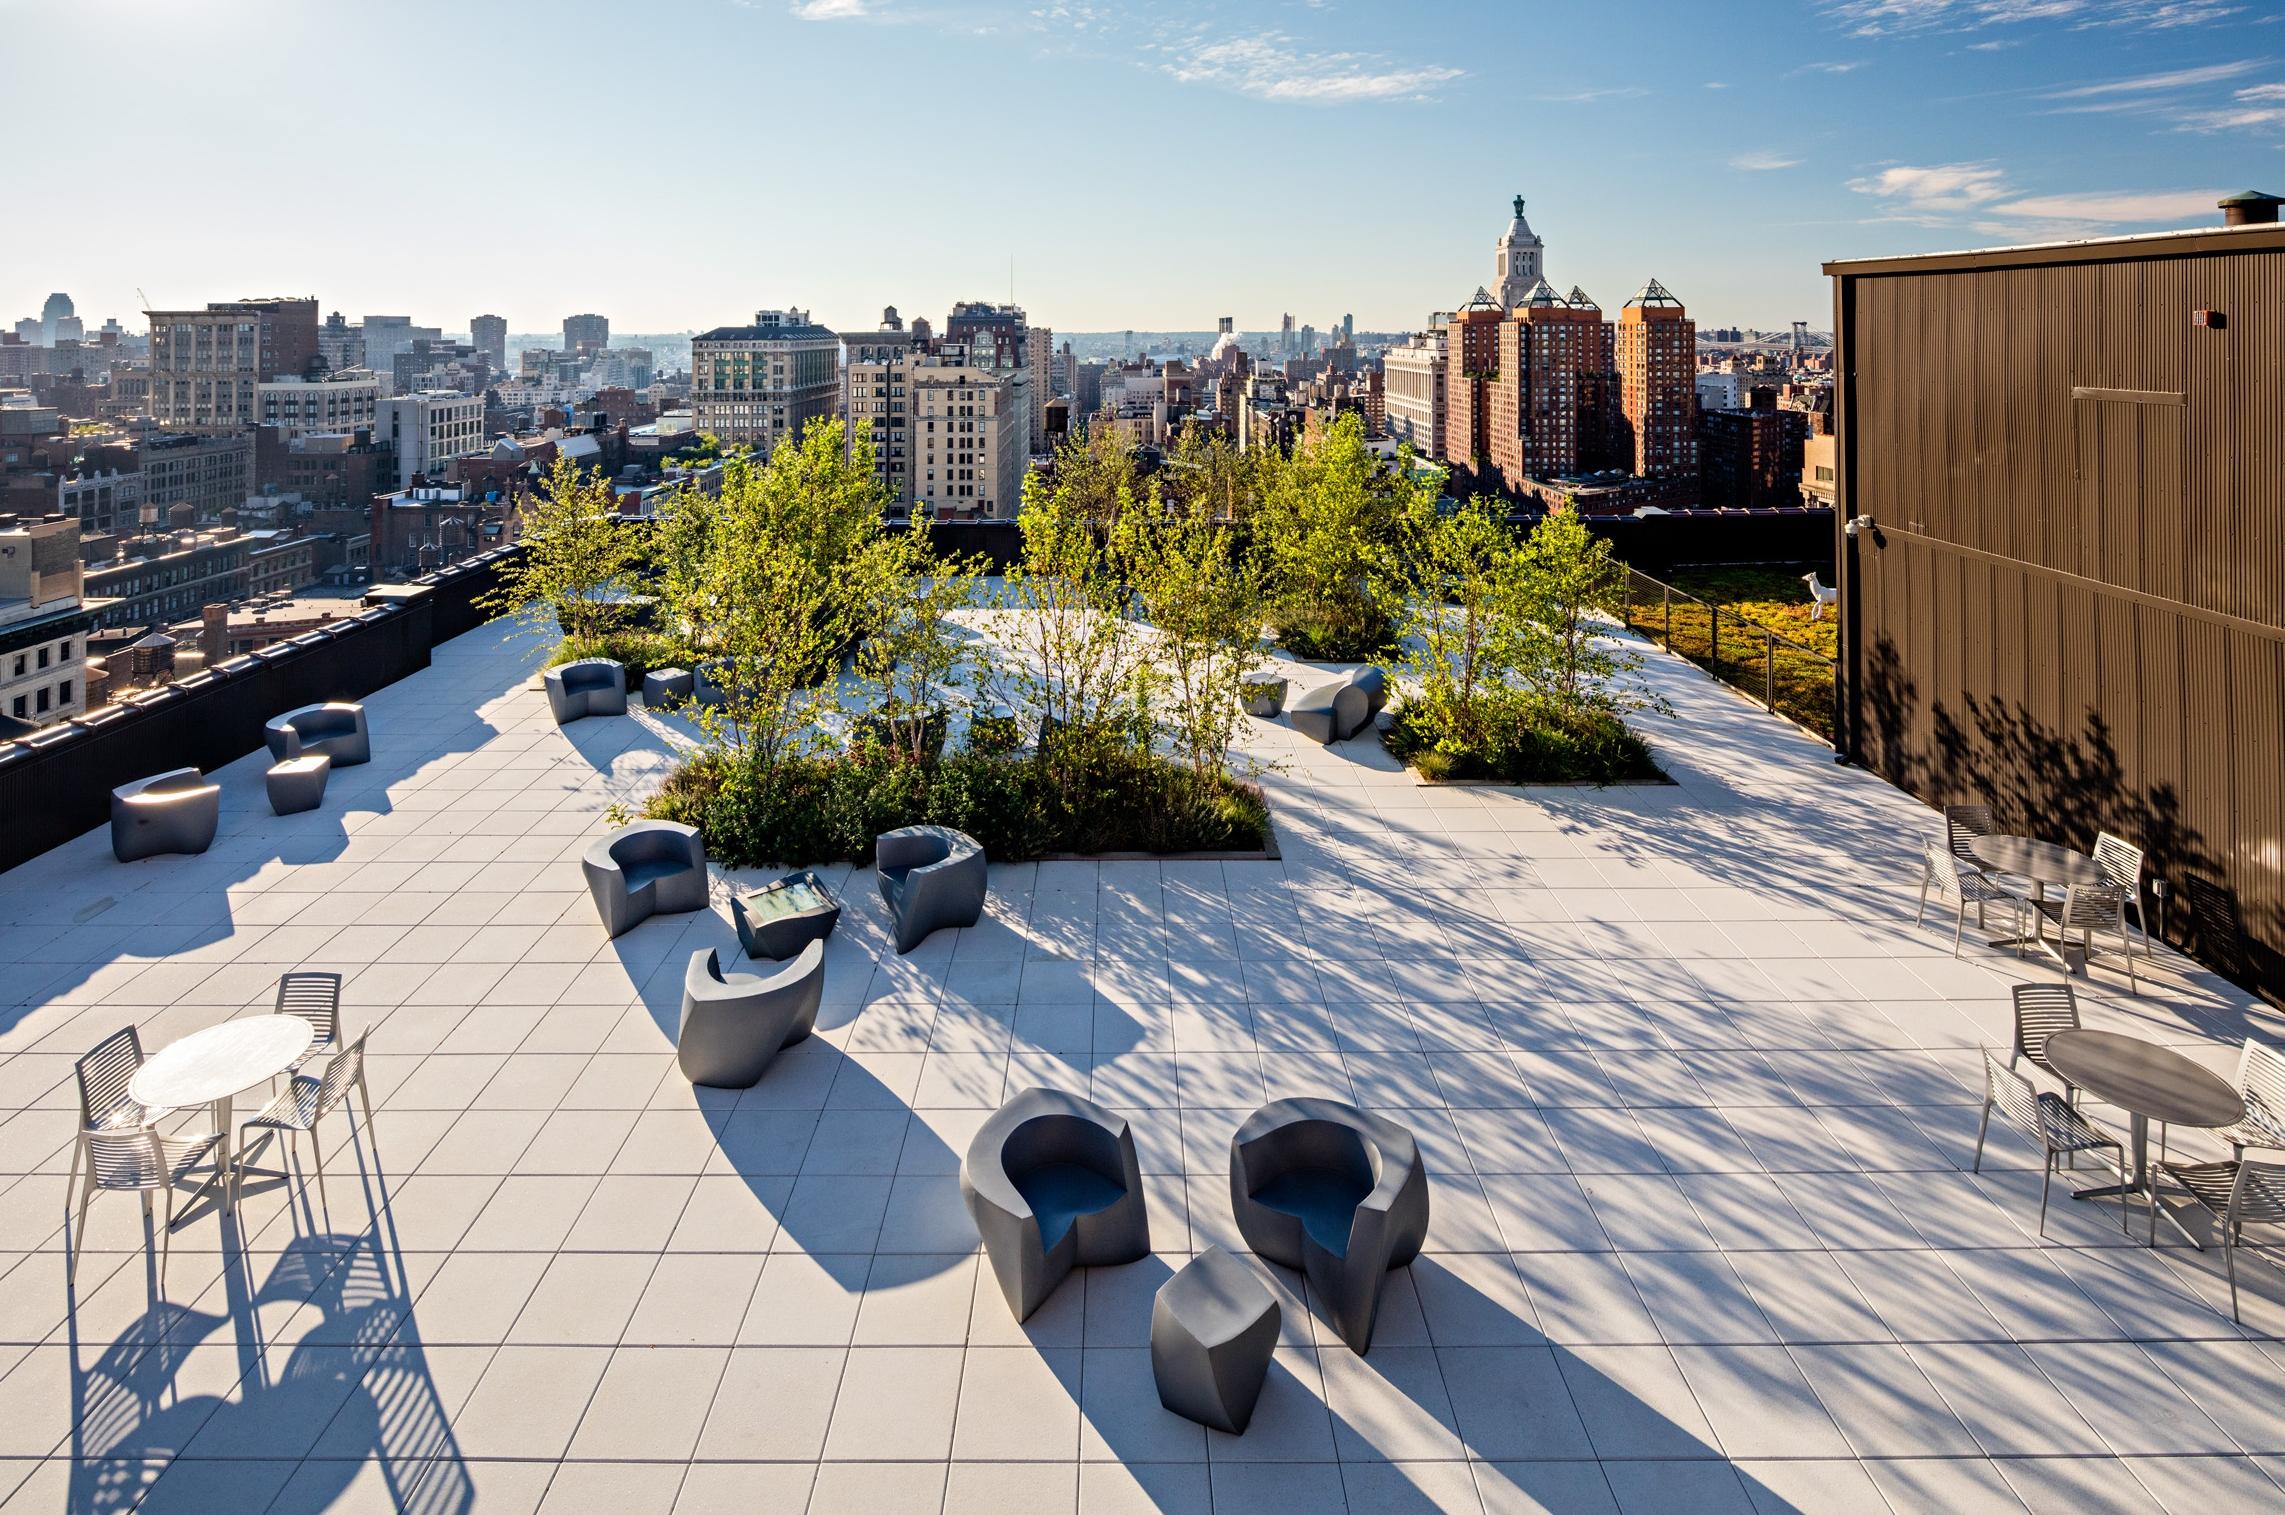 114 Fifth Rooftop-3873-Edit.jpg